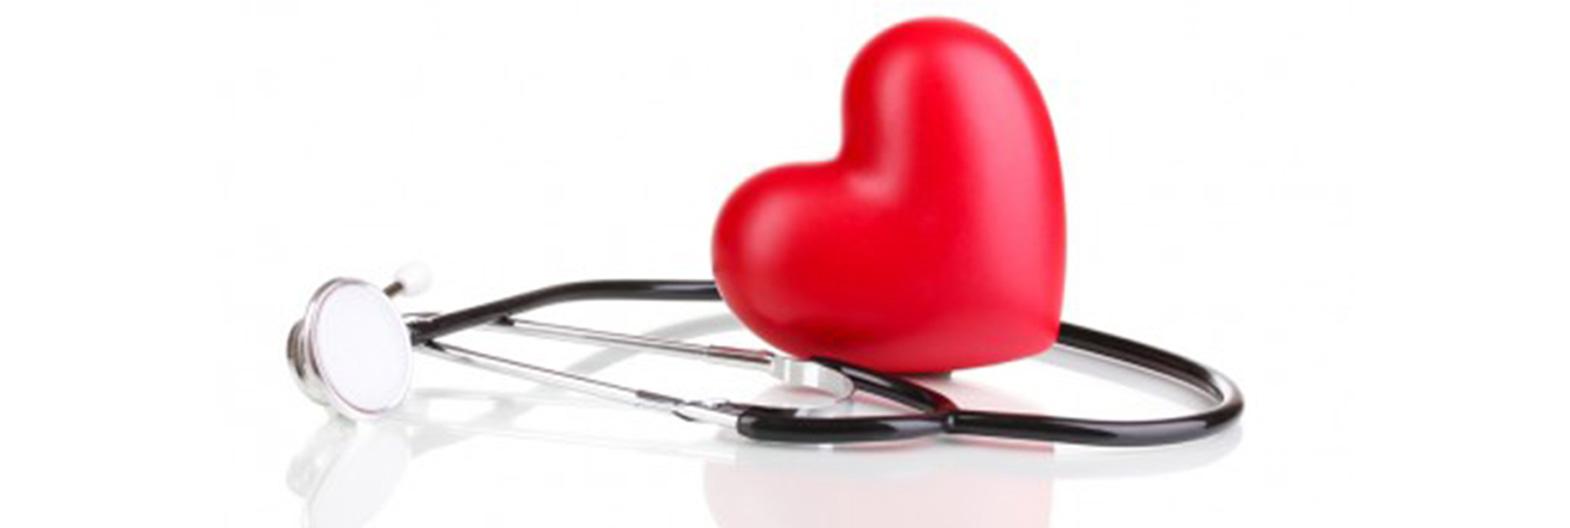 širdies sveikatos problemų simptomai hipertenzija inkstų nepakankamumas